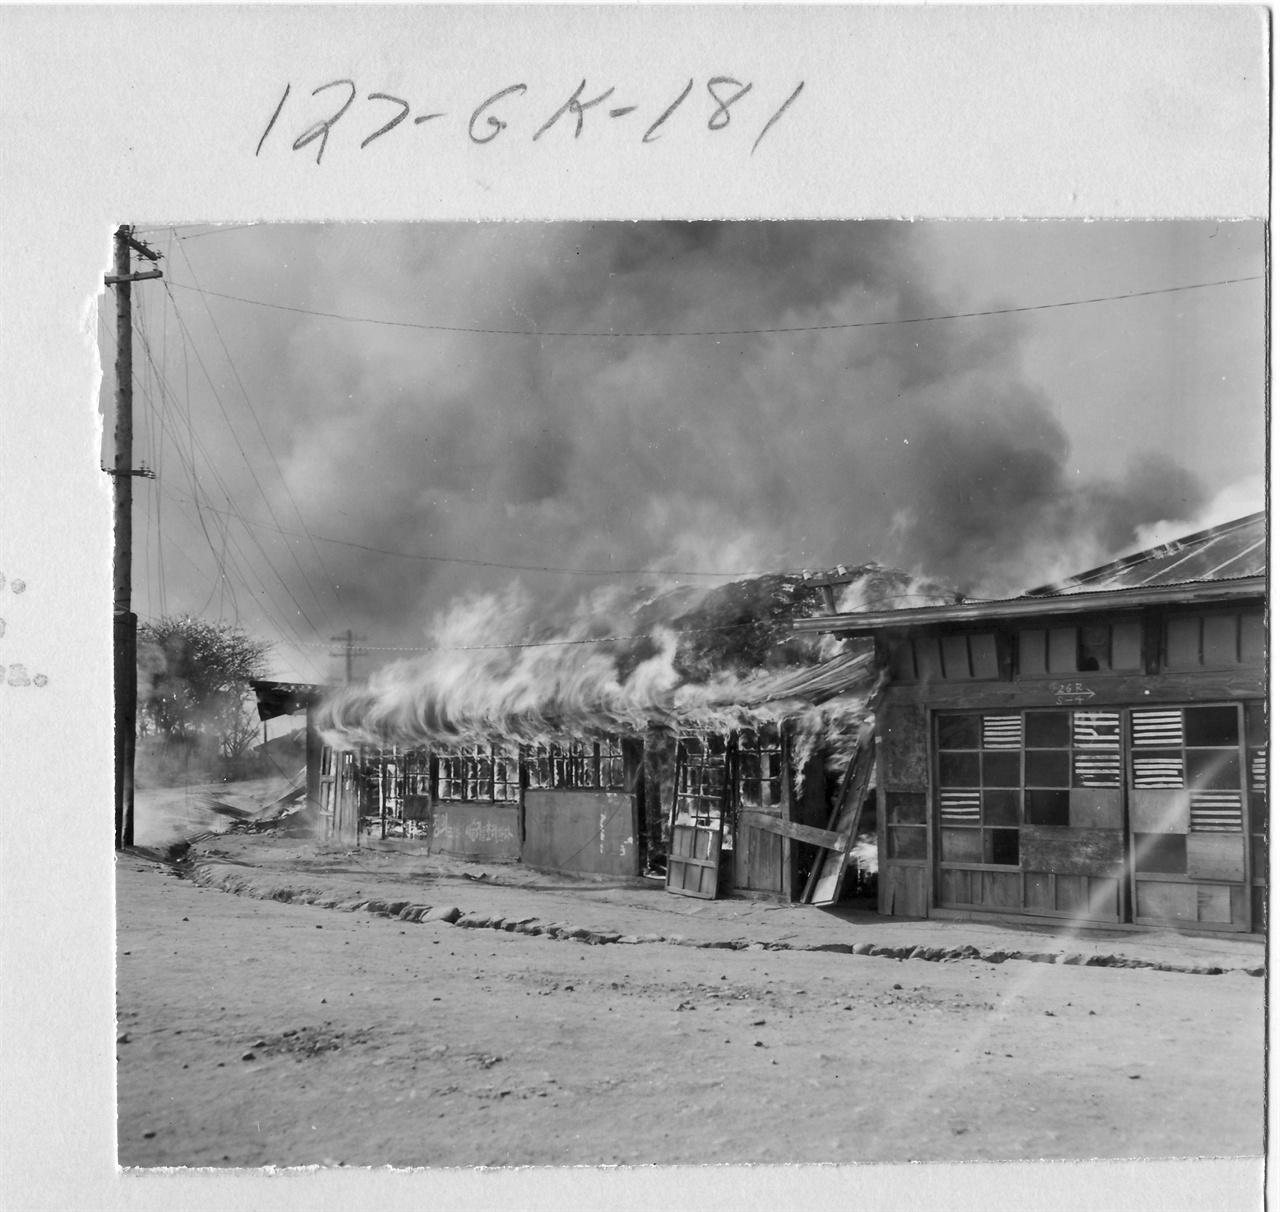 1950. 9. 29. 서울. 유엔군의 수복 후에도 인민군 잔당 소탕작전으로 불길은 계속 치솟았다.